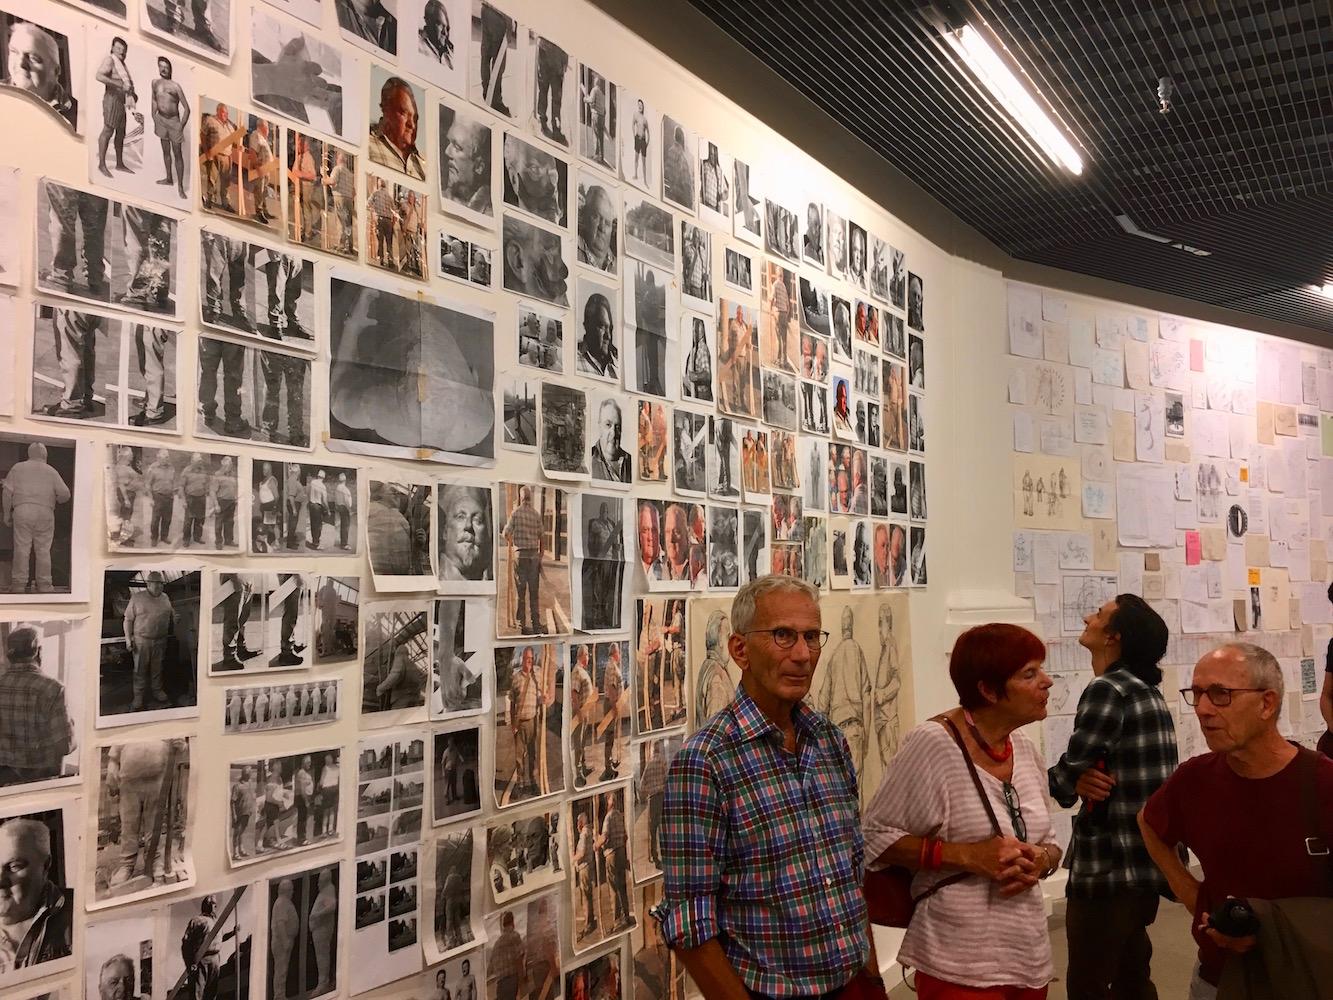 Dutzende Zeichnungen zieren die Wände.